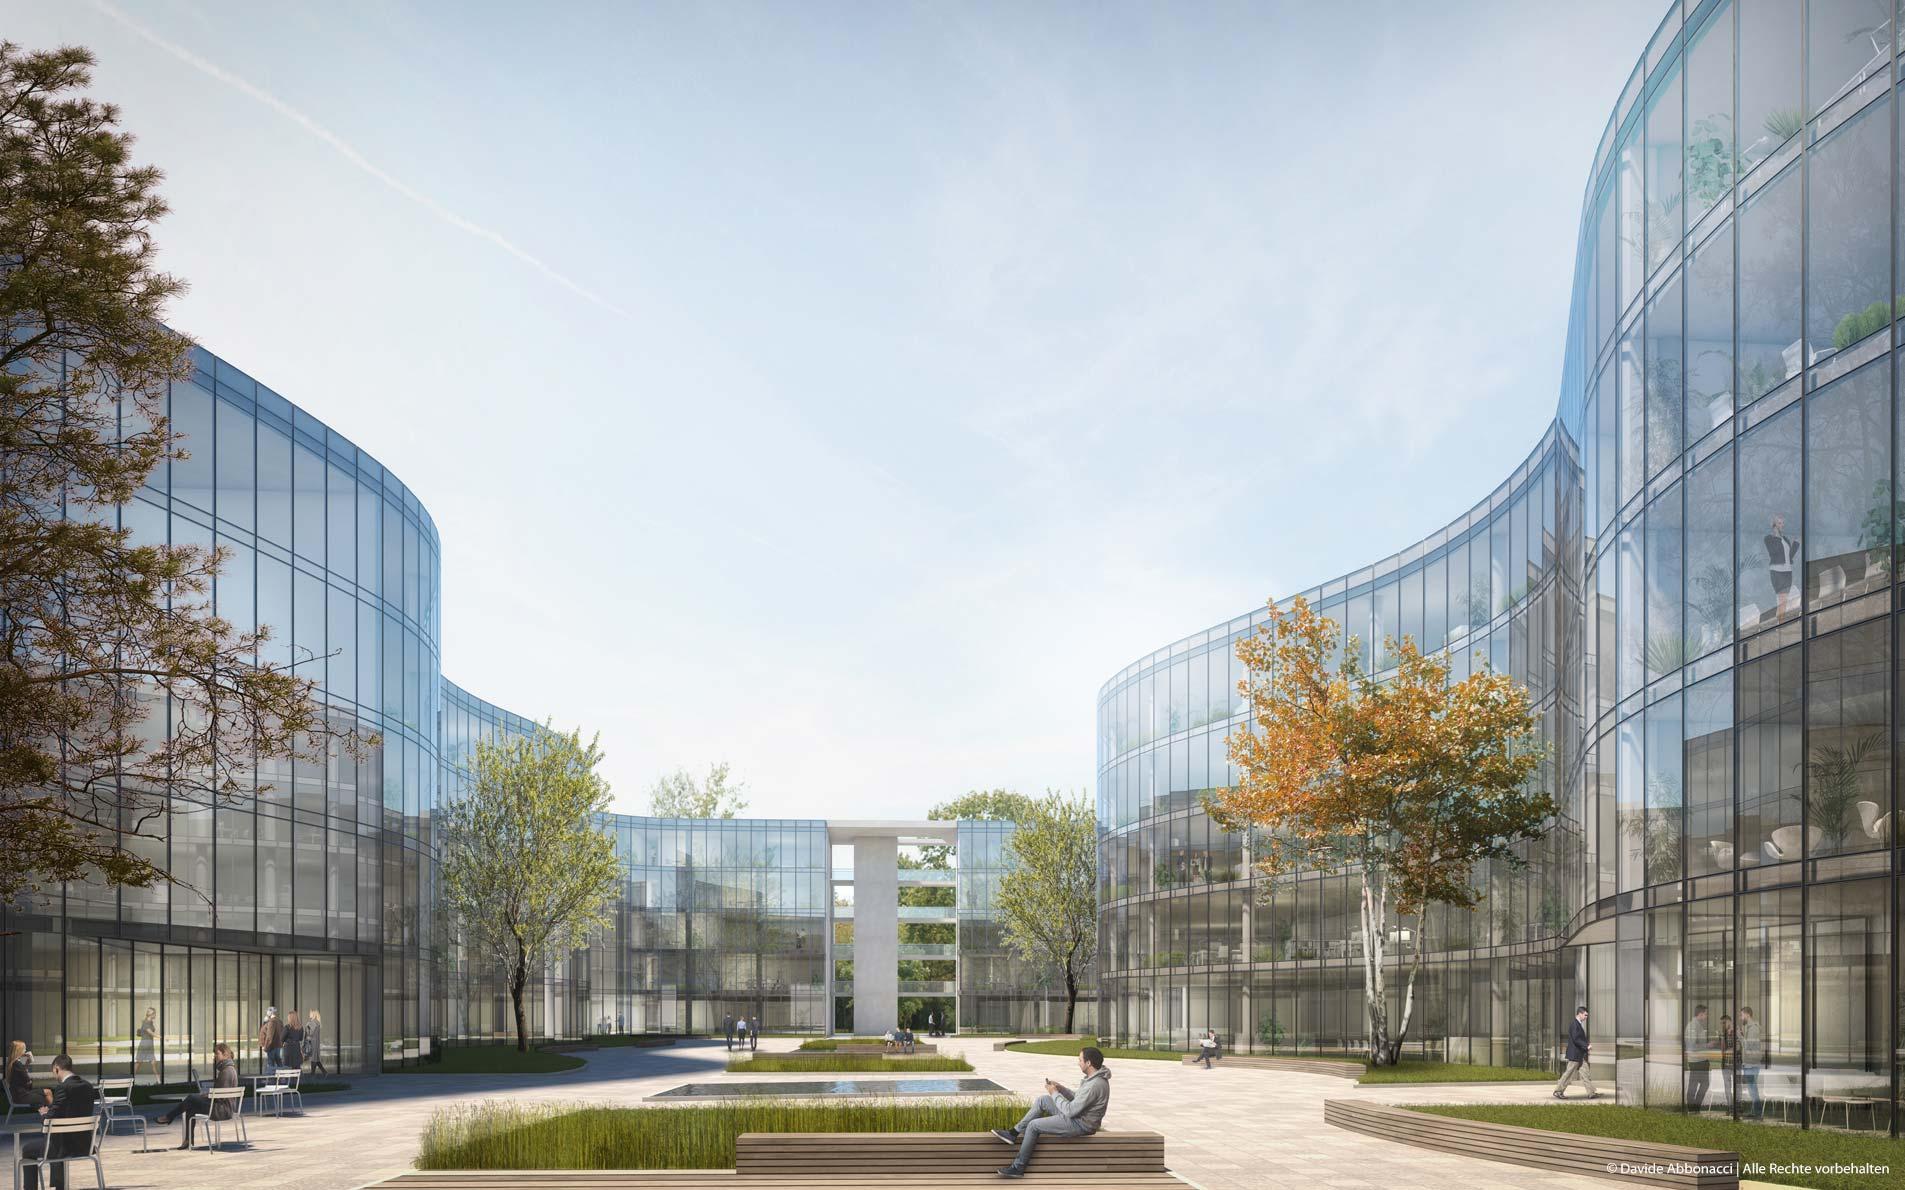 Adlershof - Baufeld 1166, Berlin | brh Architekten + Ingenieure | 2016 Wettbewerbsvisualisierung